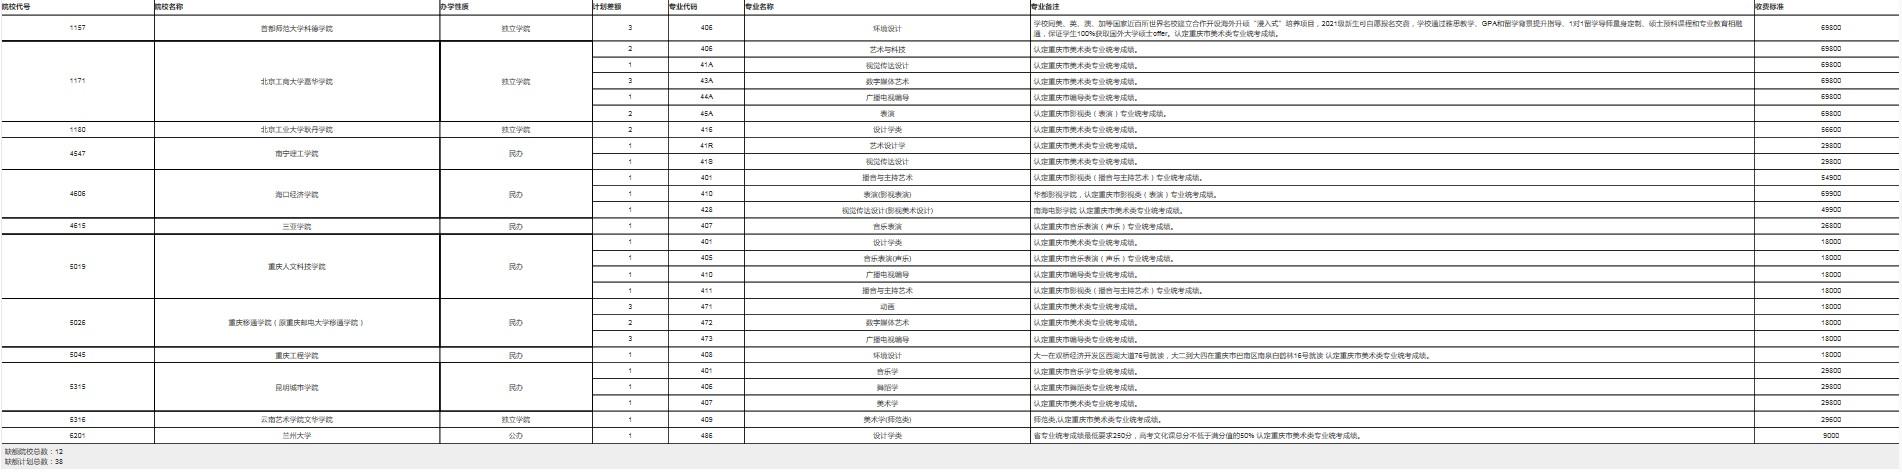 重庆艺术本科A段第2次征集志愿缺额计划公布 重庆艺术本科A段第2次征集志愿缺额计划